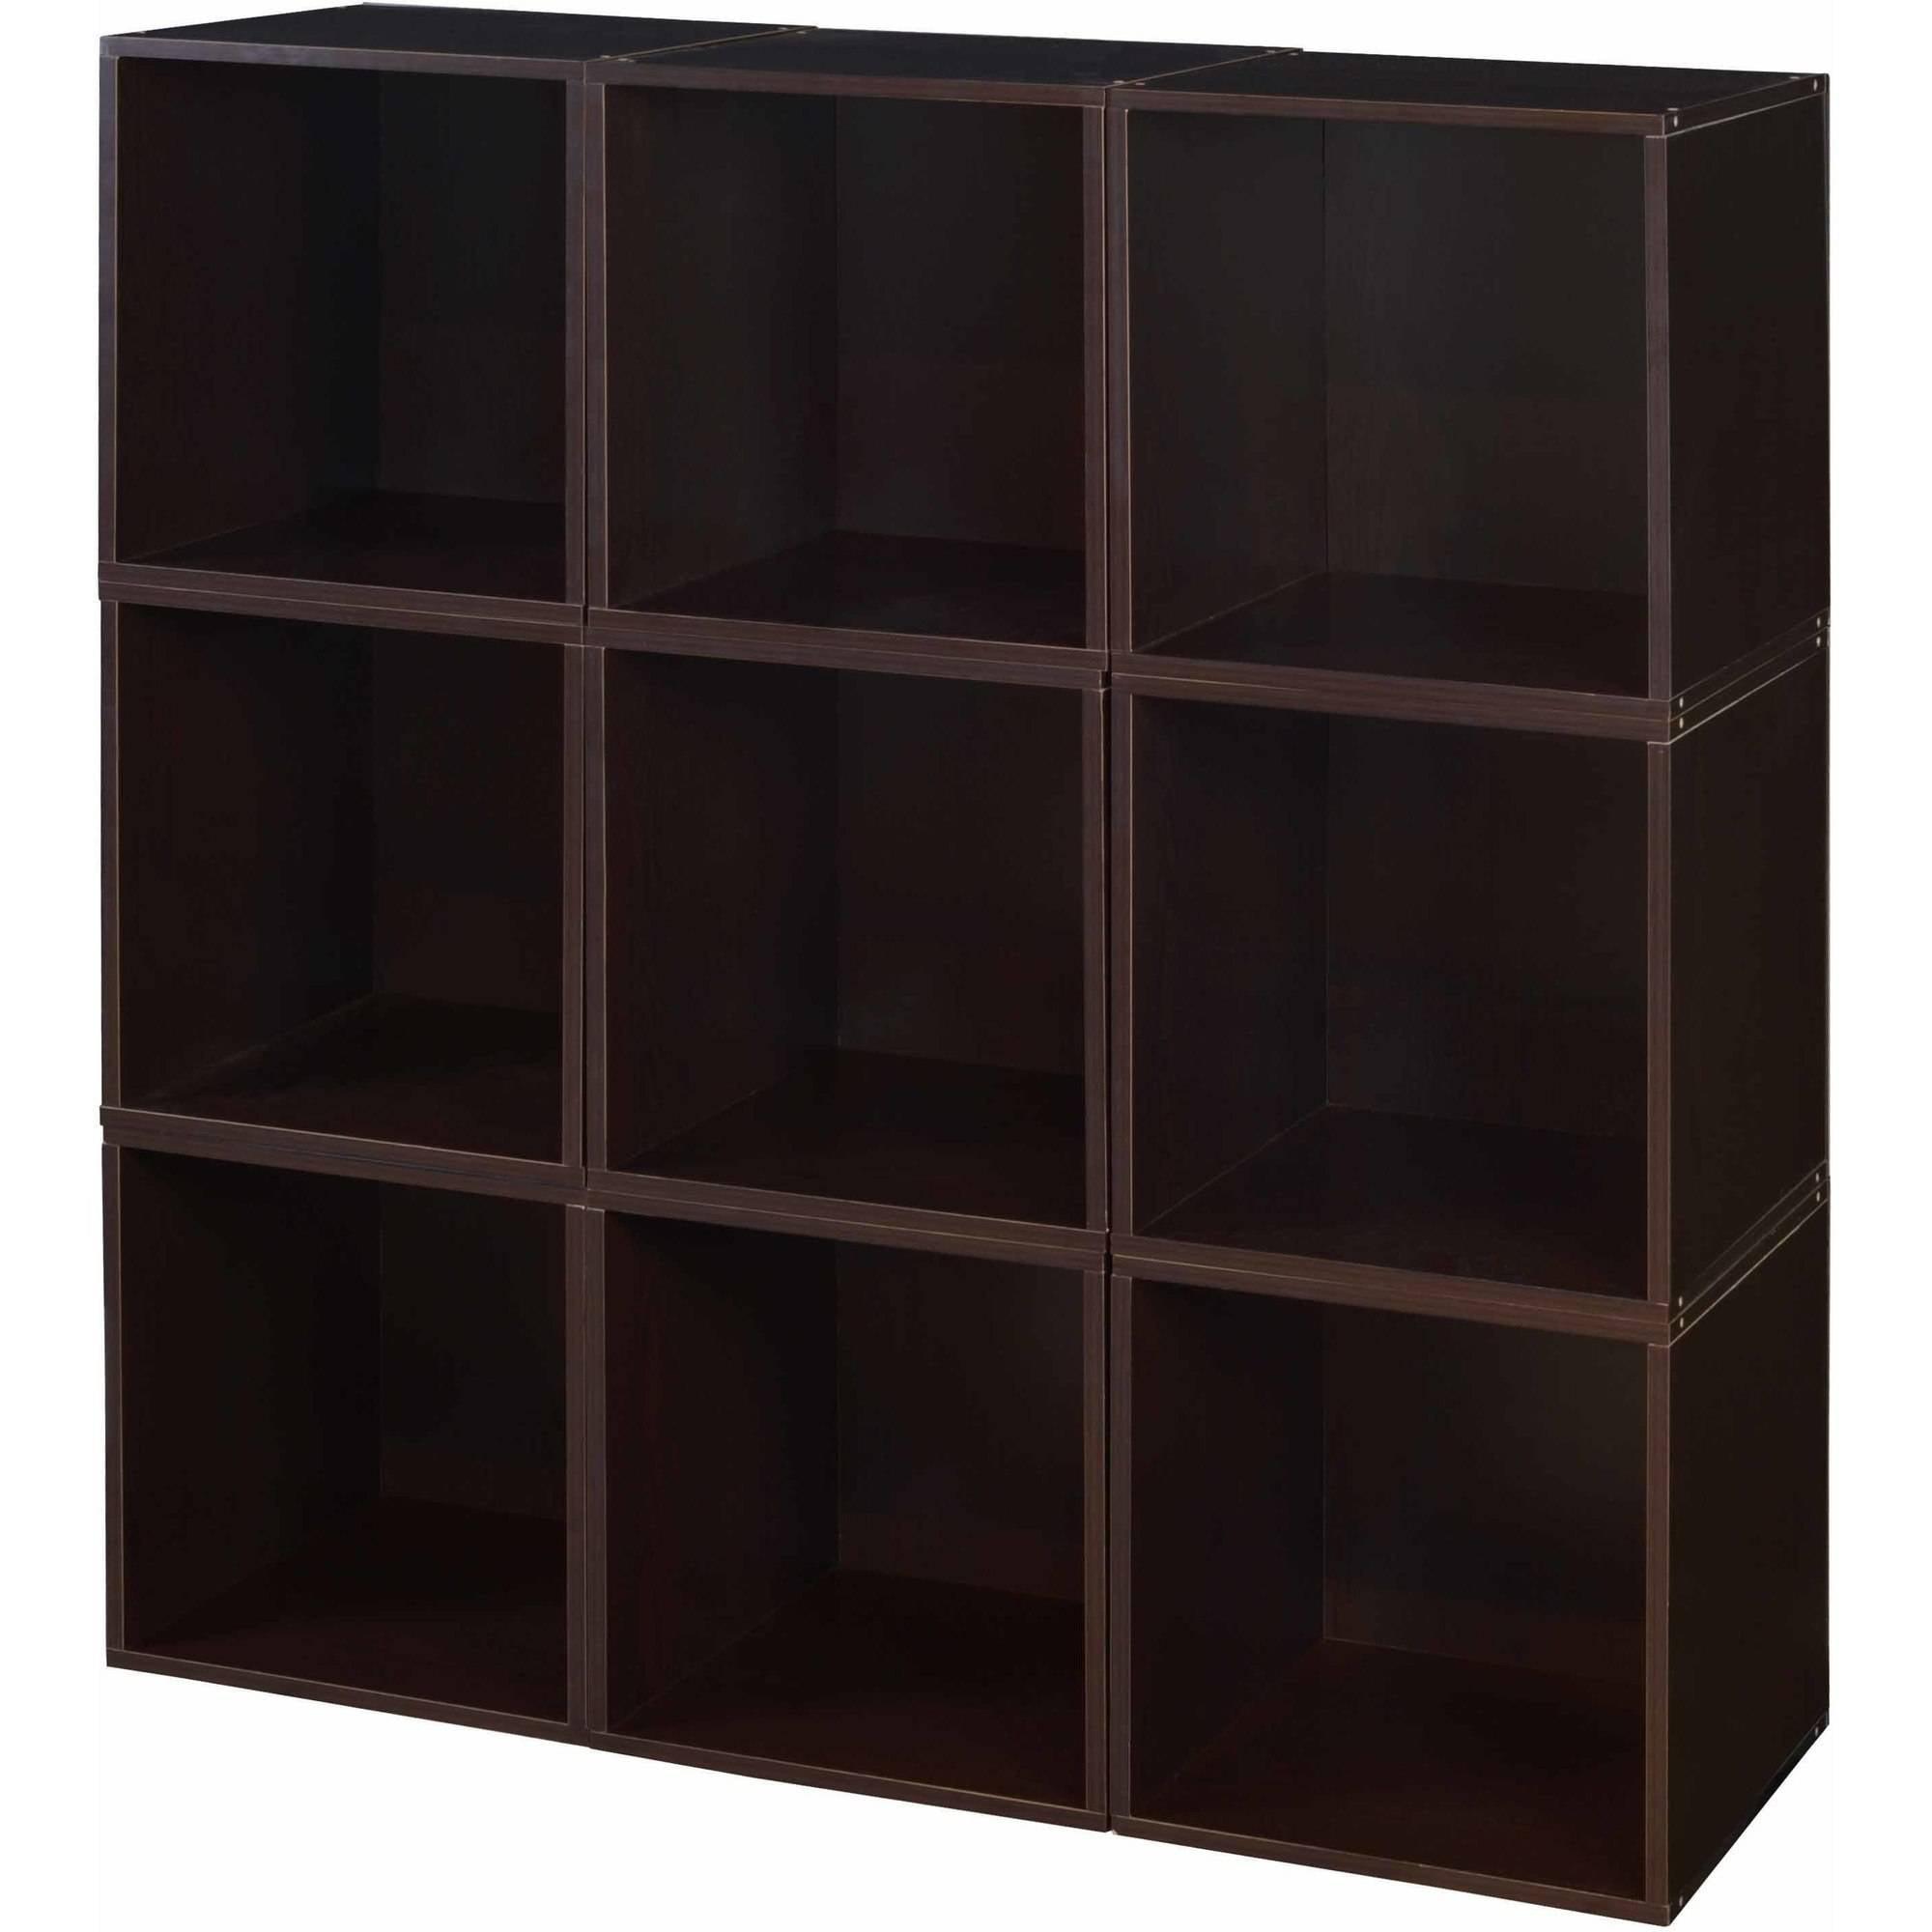 Regency Niche Cubo Storage Set of 9 Cubes- Truffle